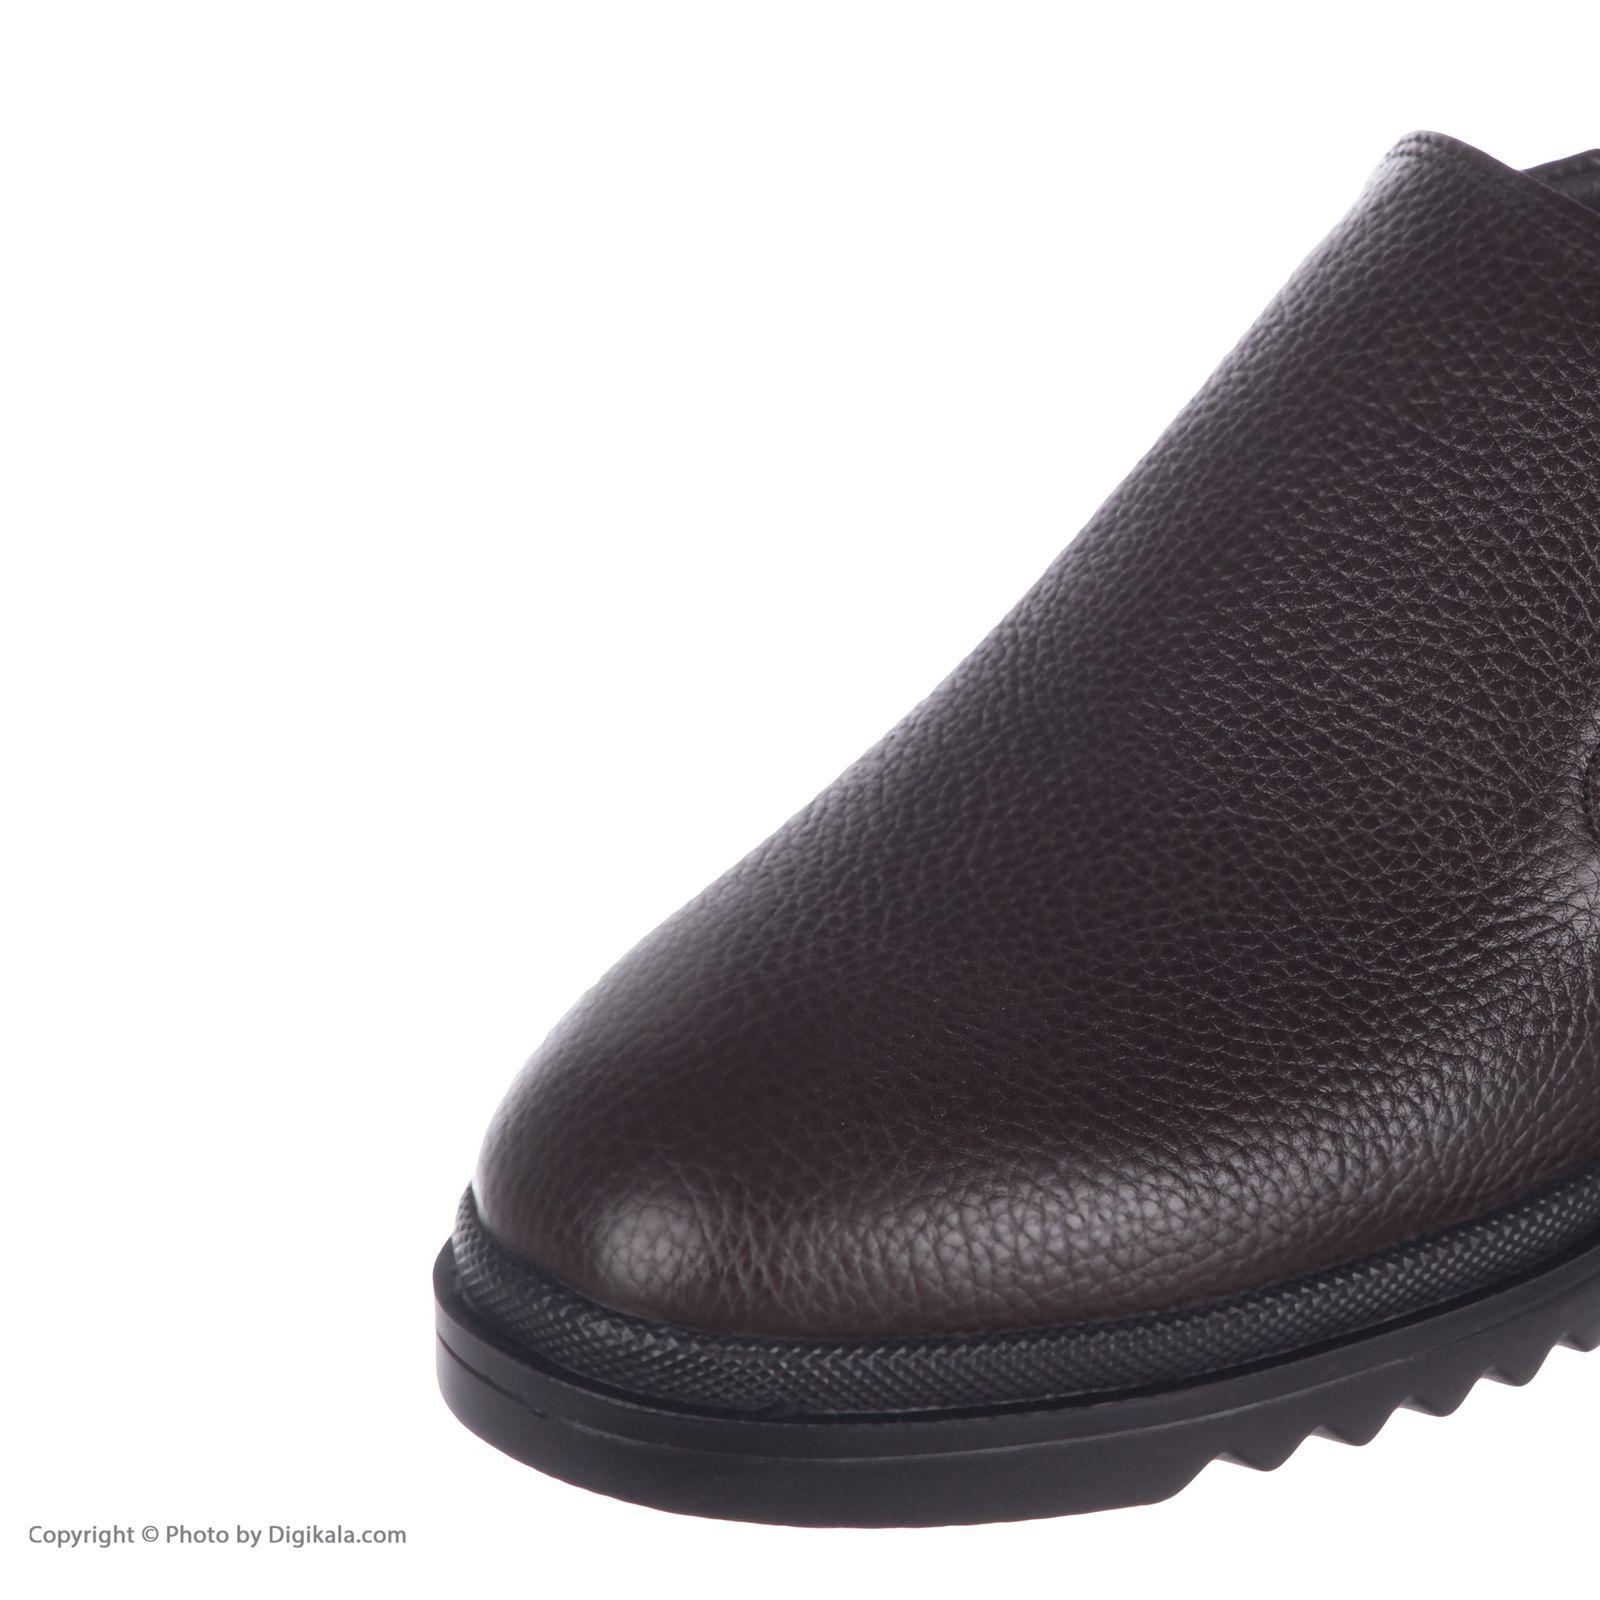 کفش روزمره مردانه دانادل مدل 8606A503101 -  - 6